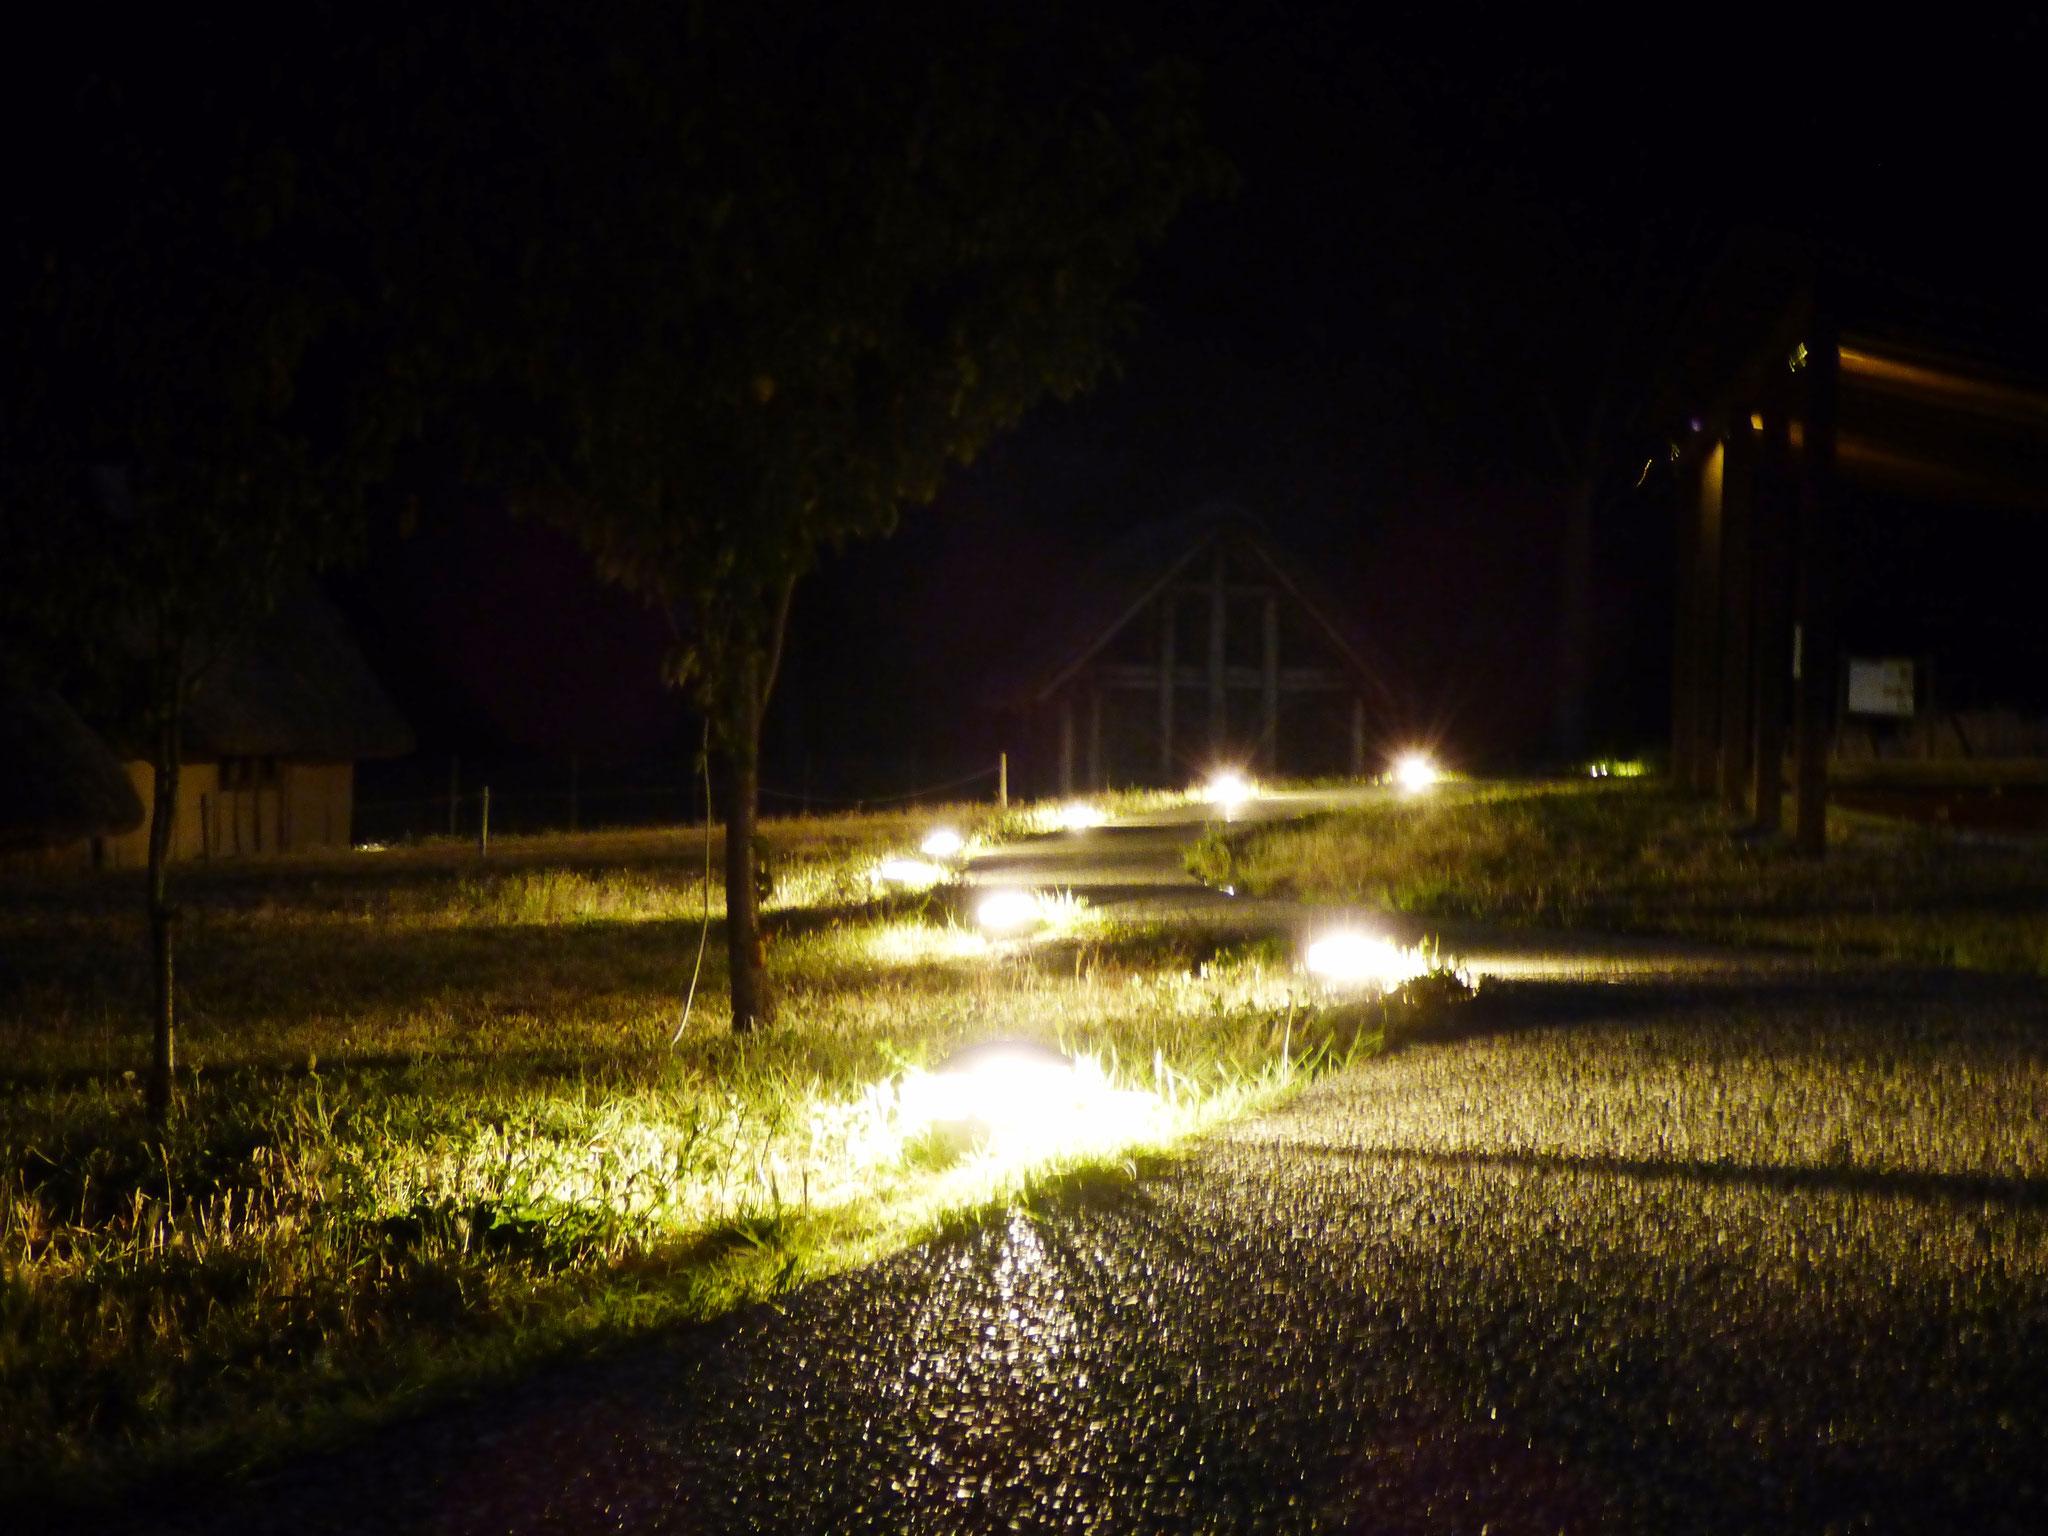 Notte al parco ... con cinema sotto le stelle 19 luglio 2016